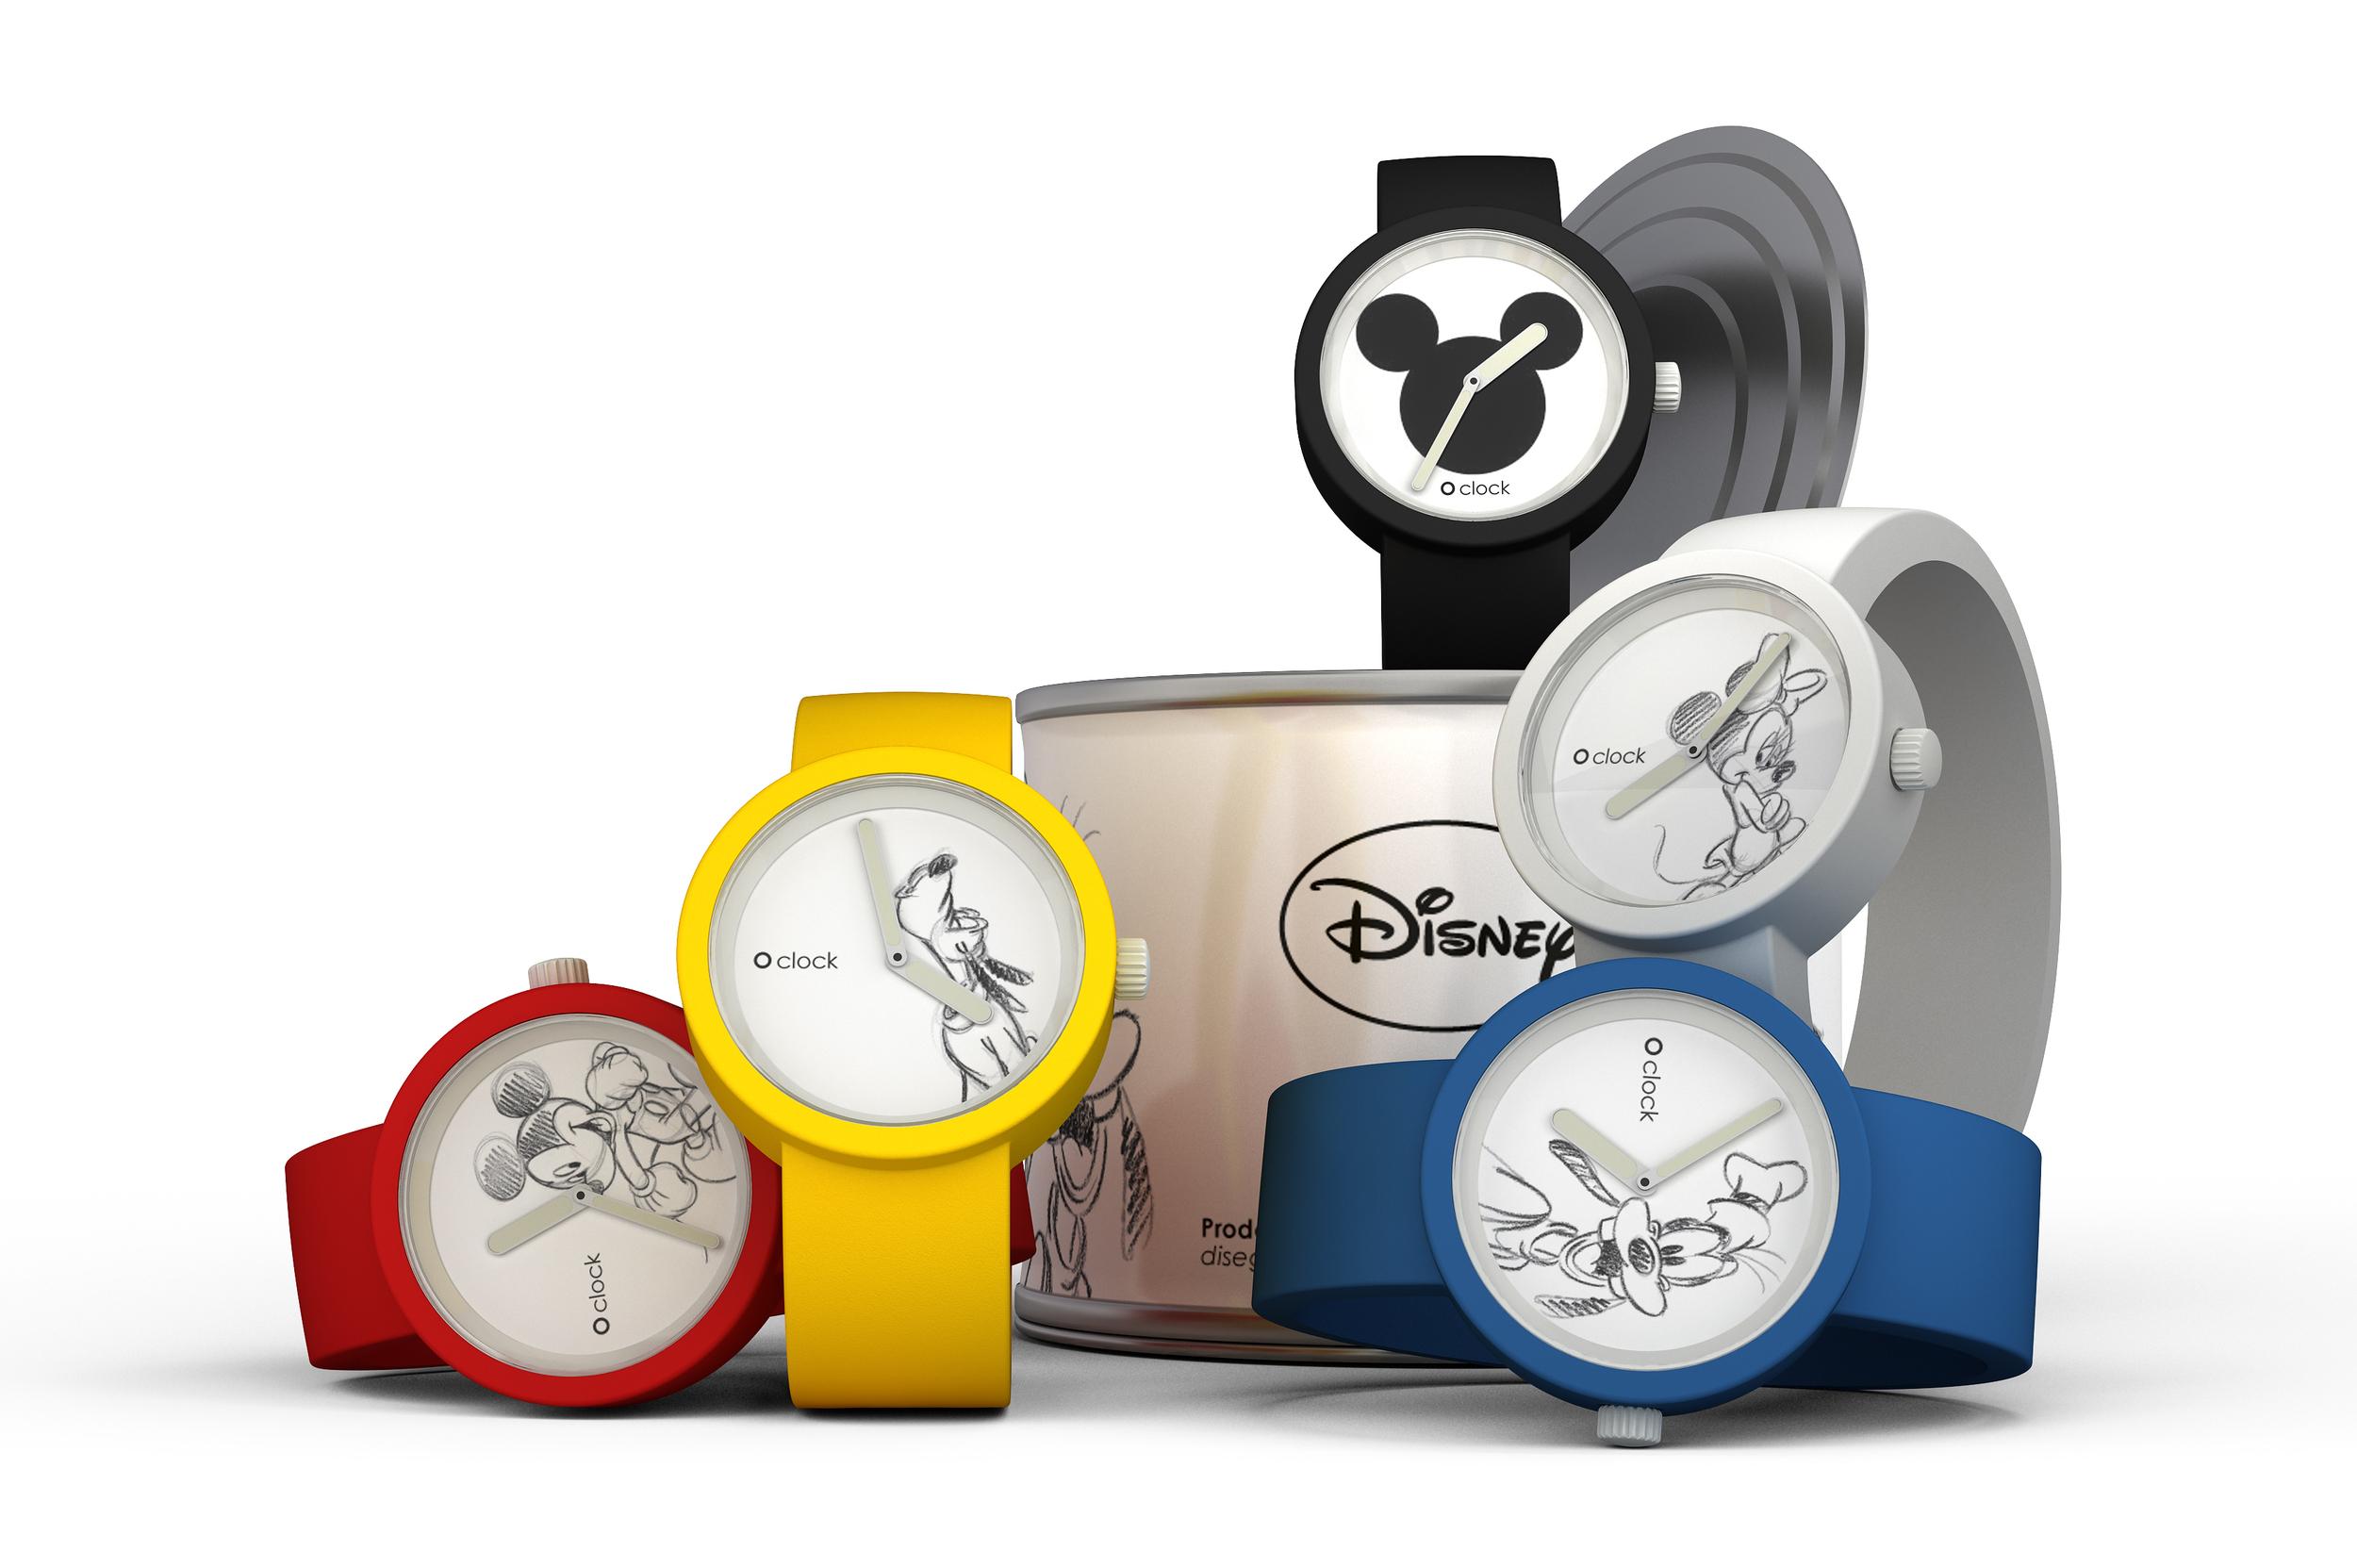 """שעון  דיסני  של  Full Spot , מחיר 170 ש""""ח להשיג ב- www.Obag.co.il"""